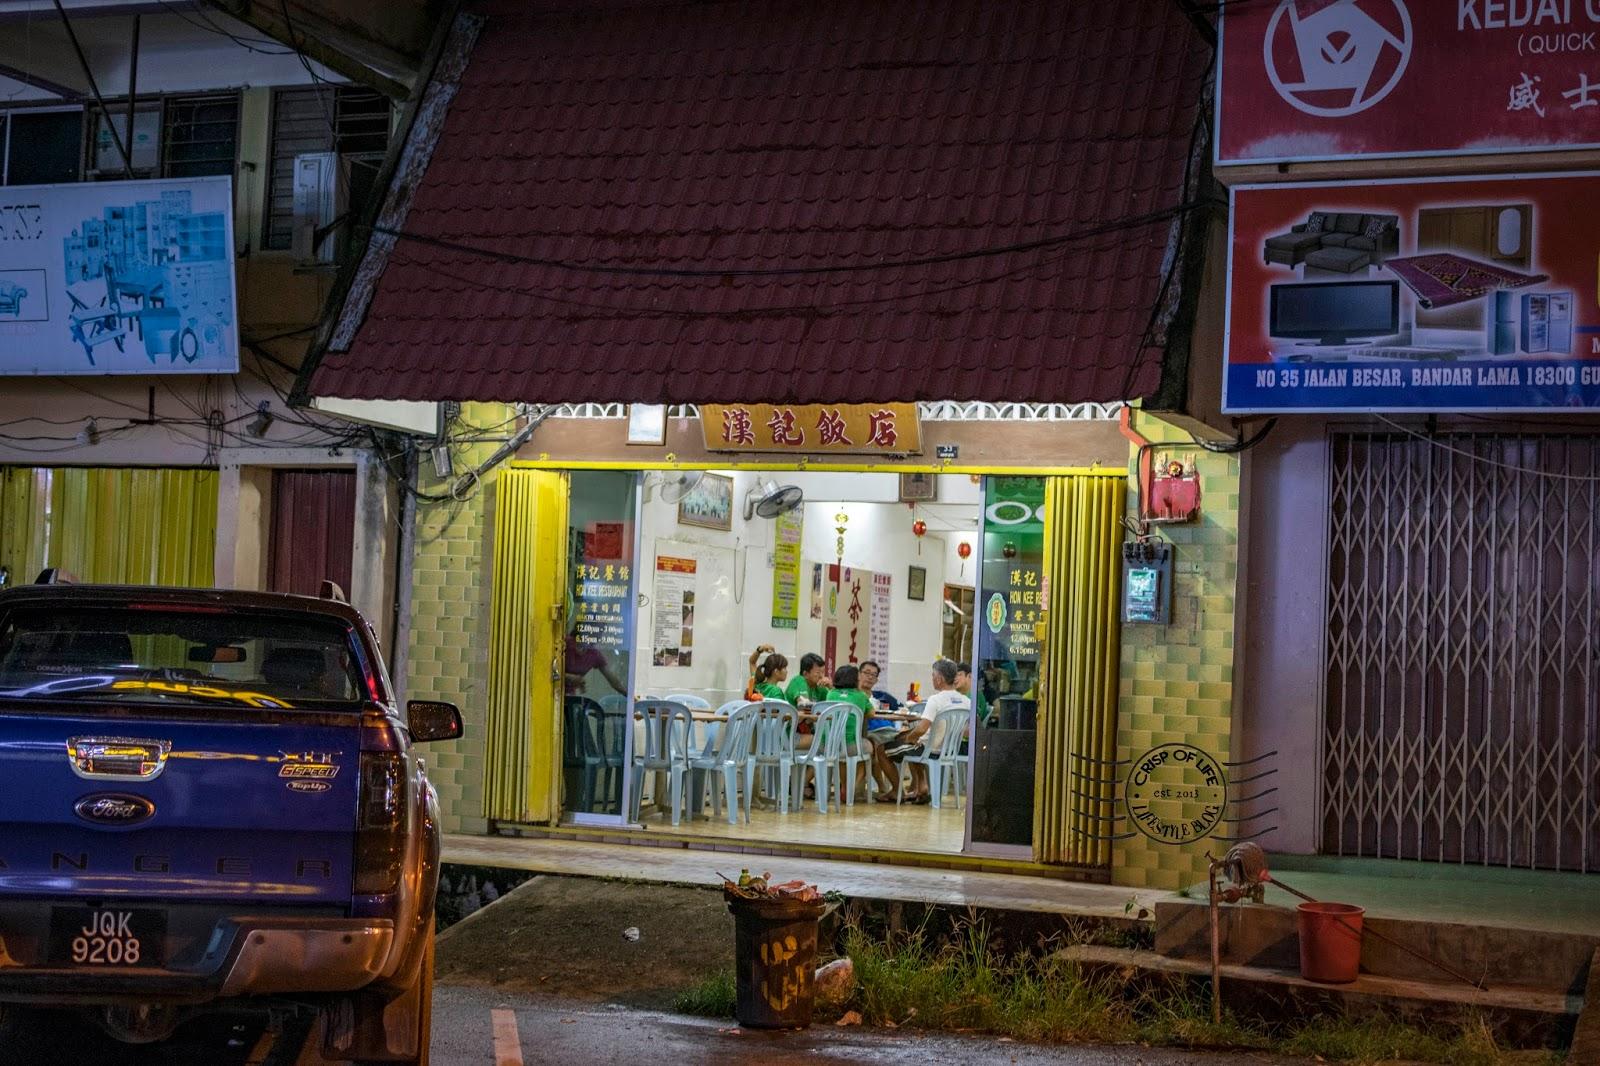 Hon Kee Restaurant 汉记餐馆 Gua Musang Kelantan